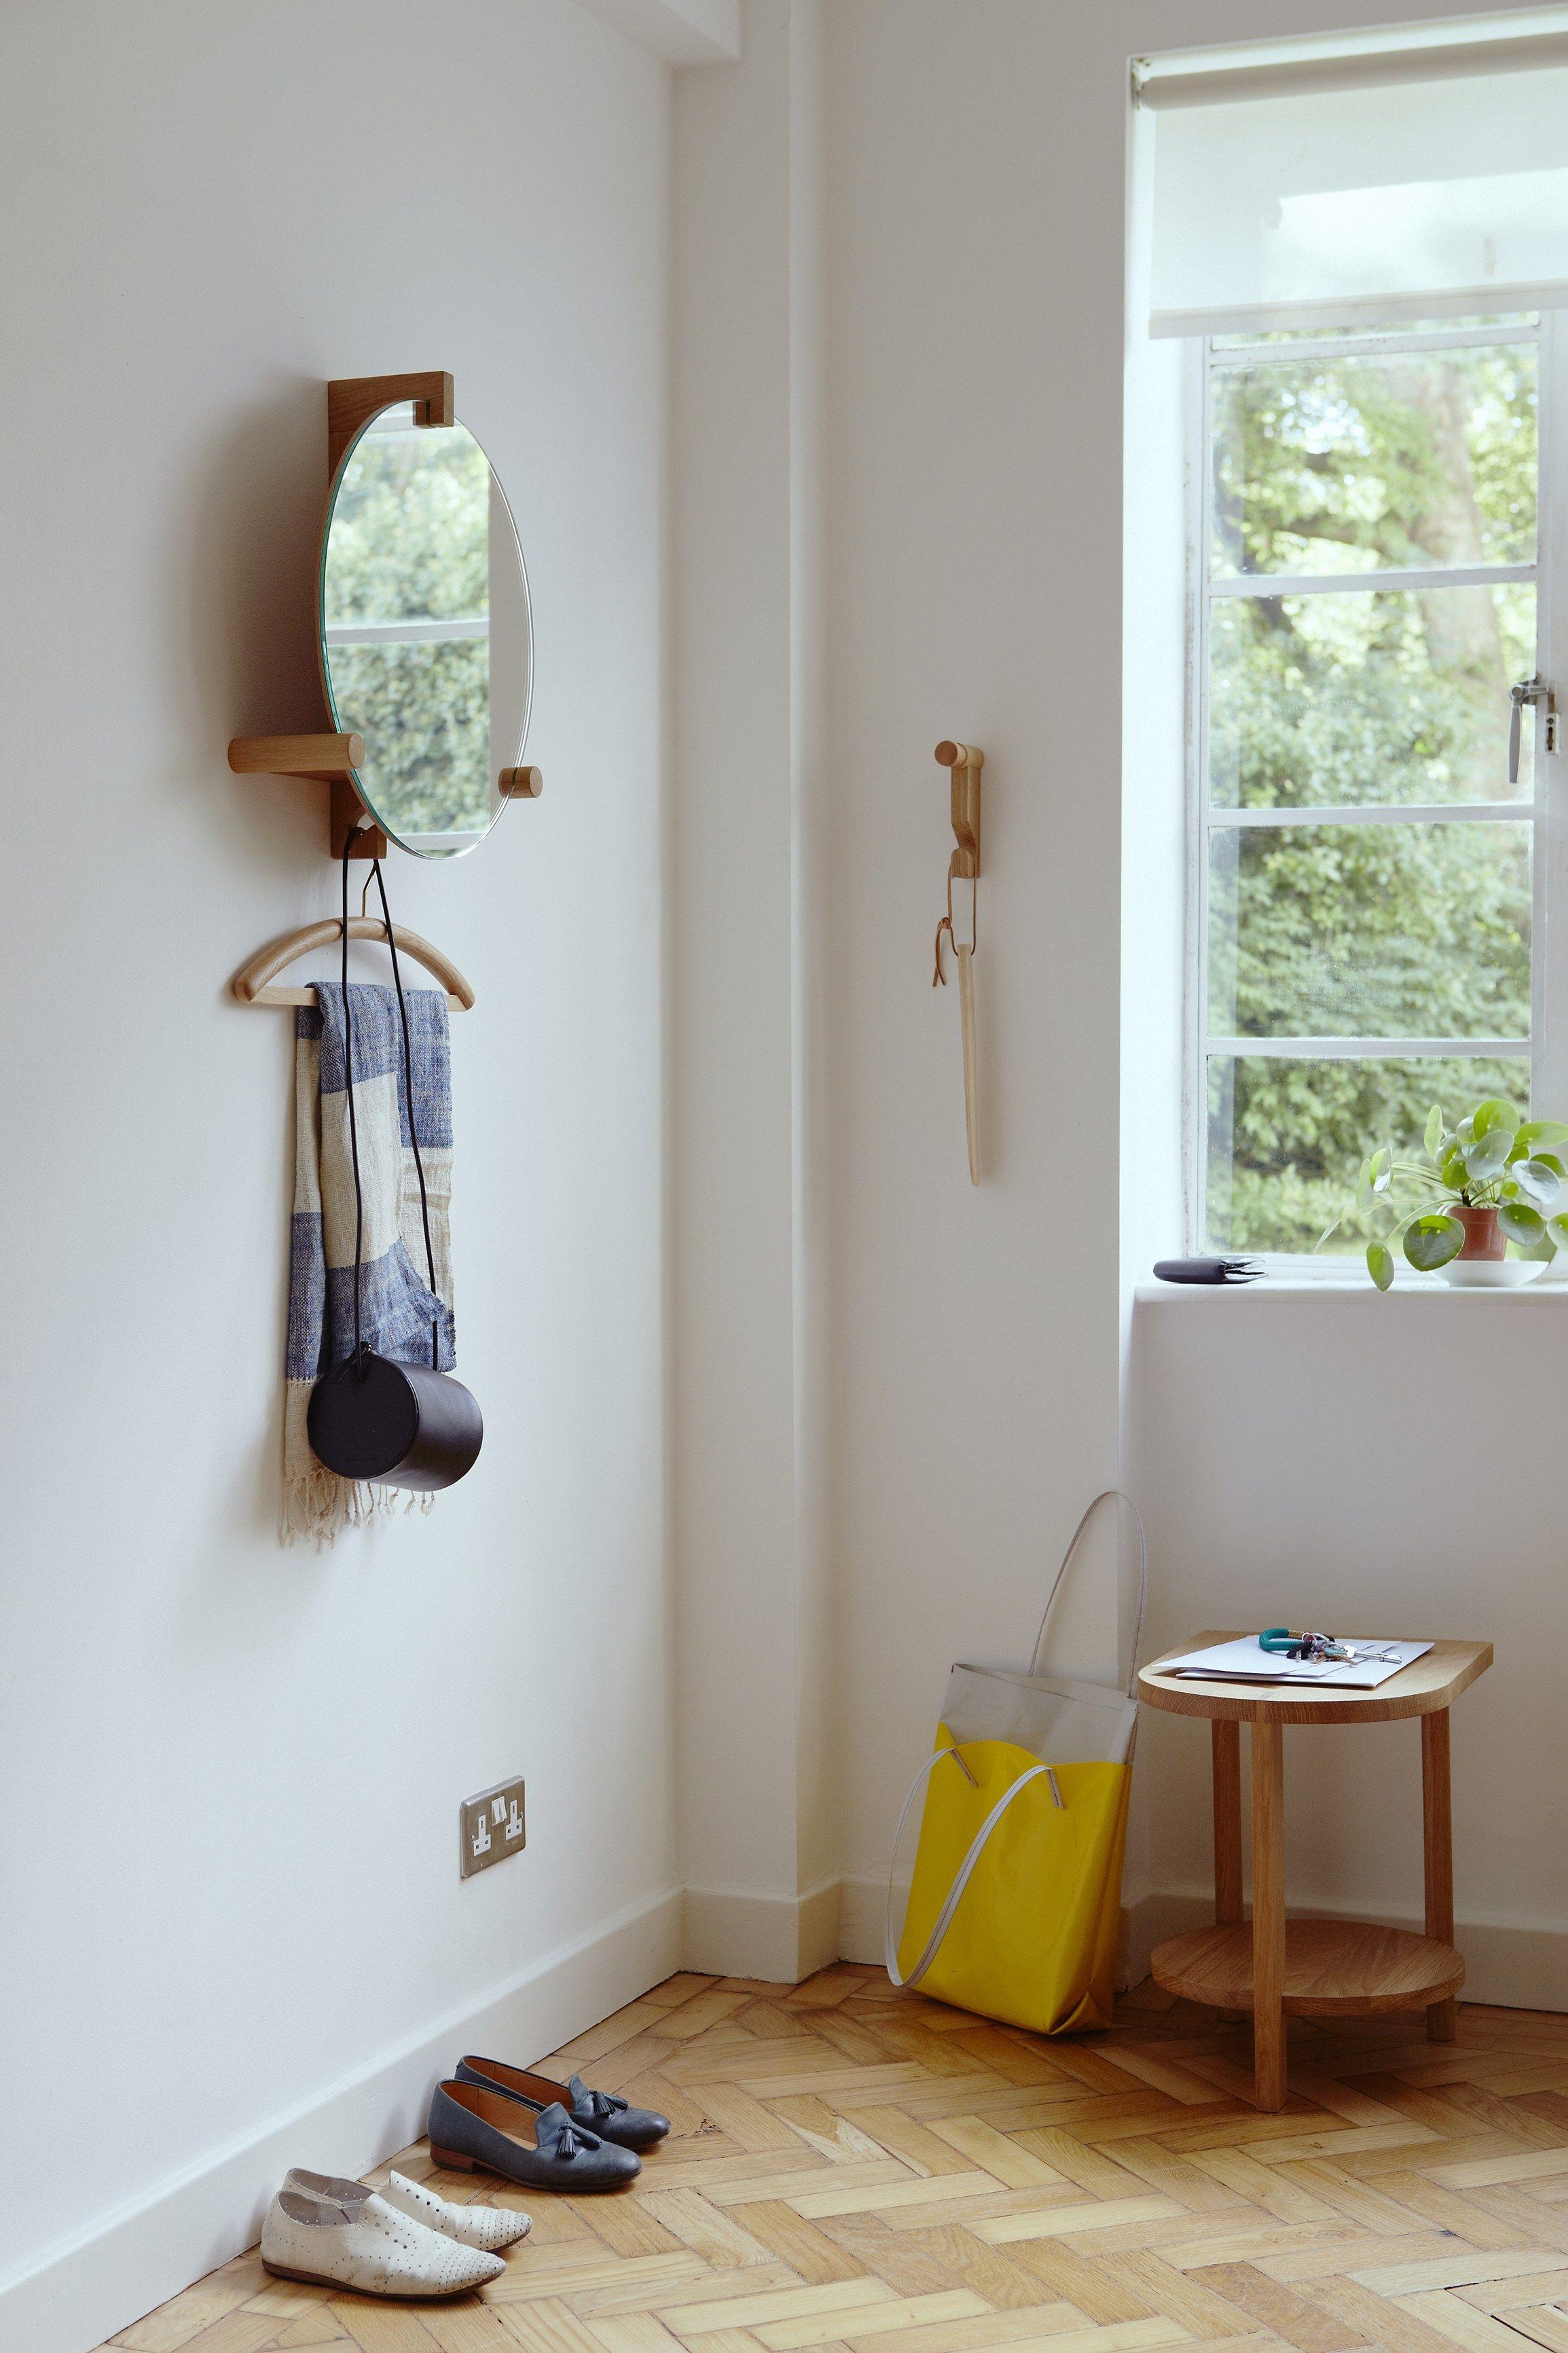 Appendiabiti a parete in legno frank by zilio aldo & c. design ...